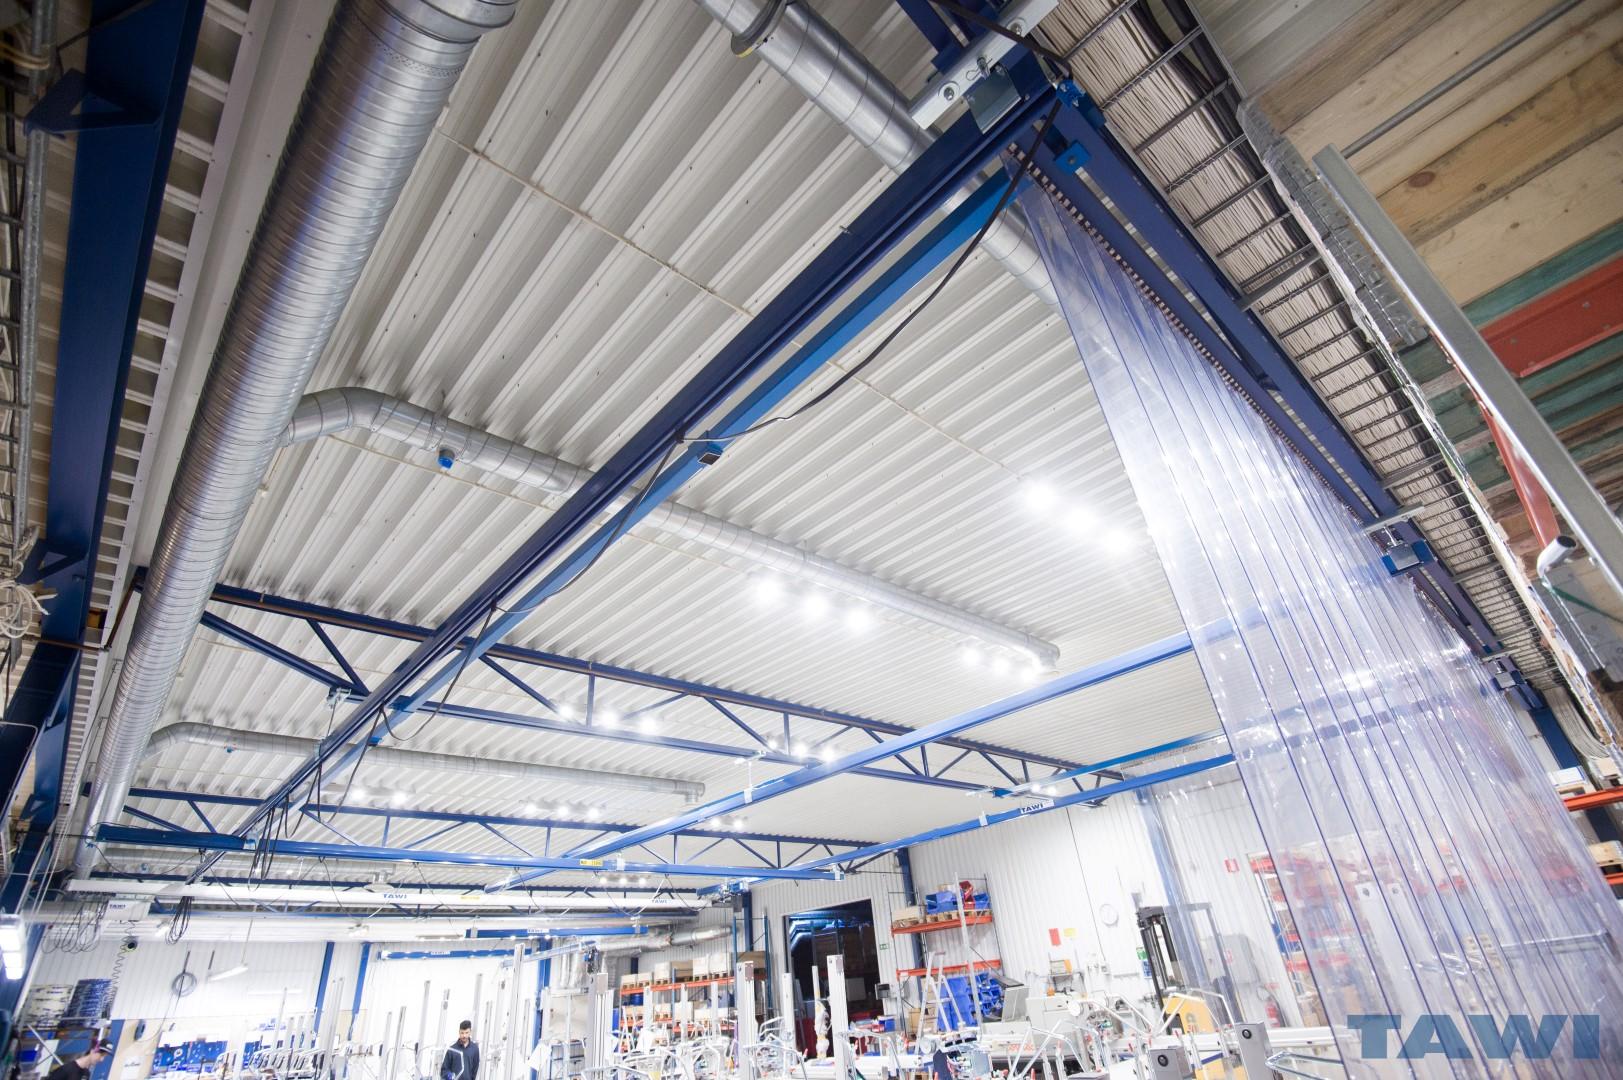 Custom rolbrug vastgemaakt aan het plafond. Unieke constructie voor grote breedte te overspannen.